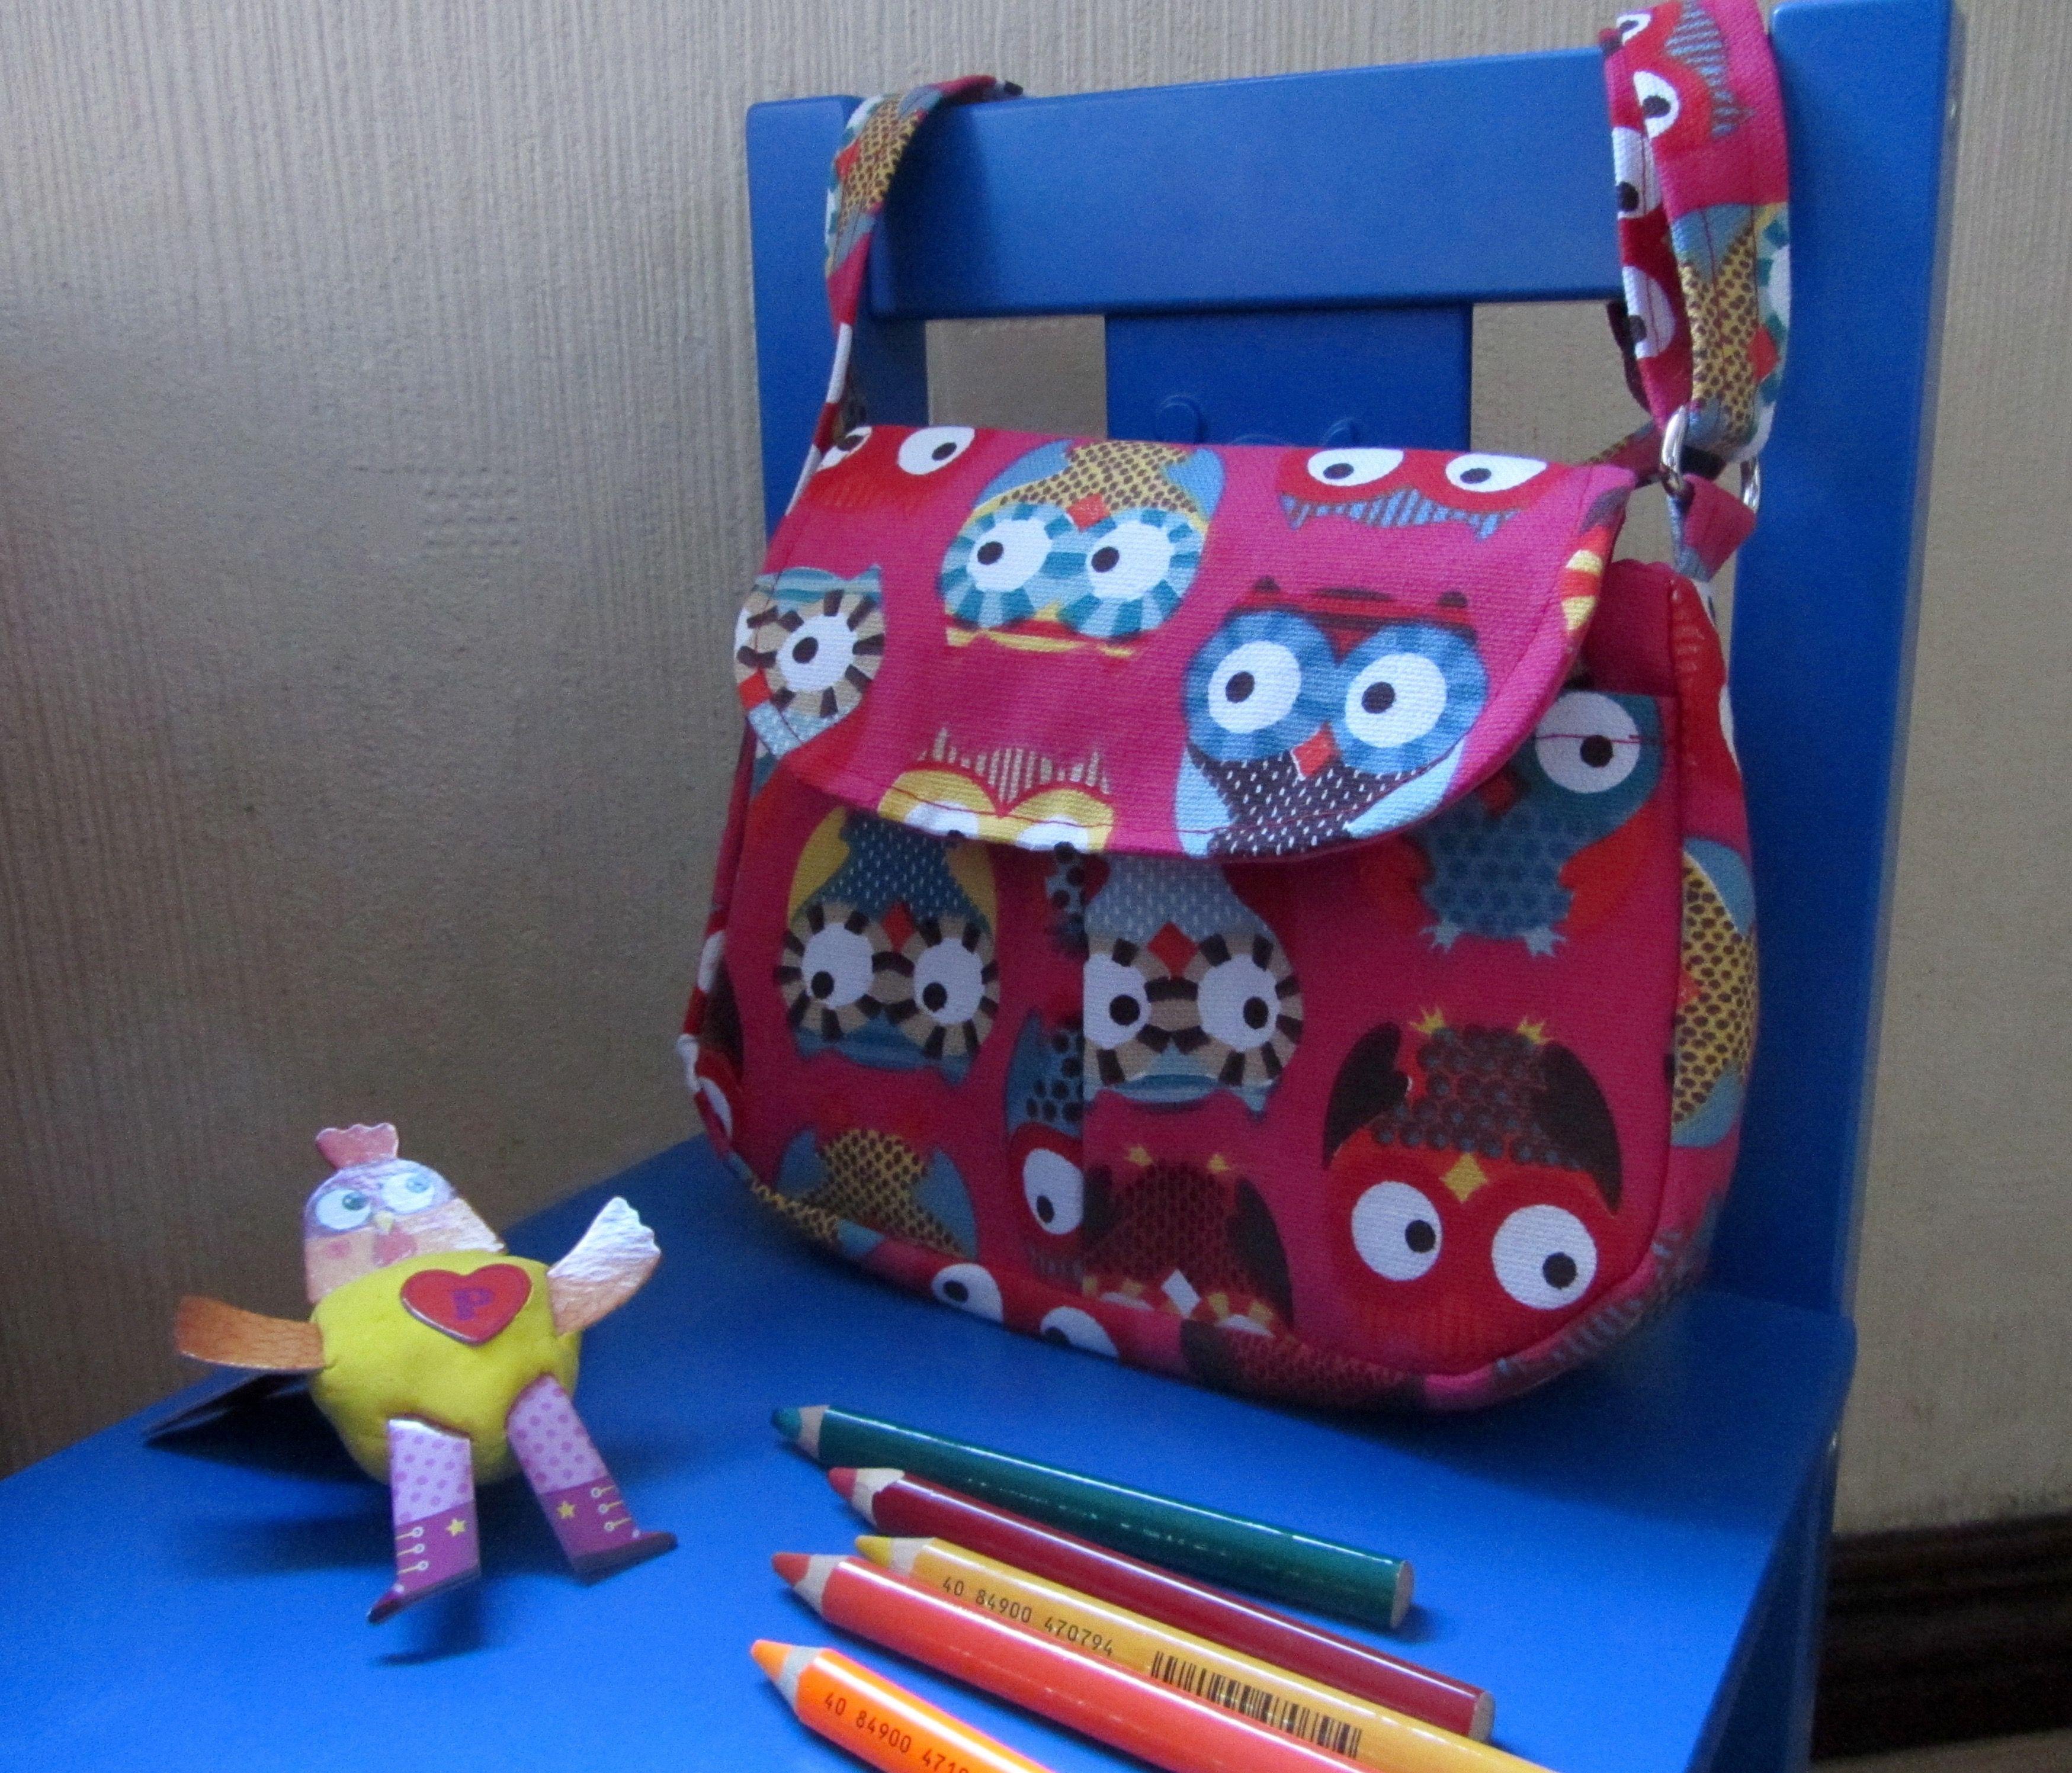 Tutoriel du sac bandouli re pour enfant - Tuto sac besace bandouliere ...